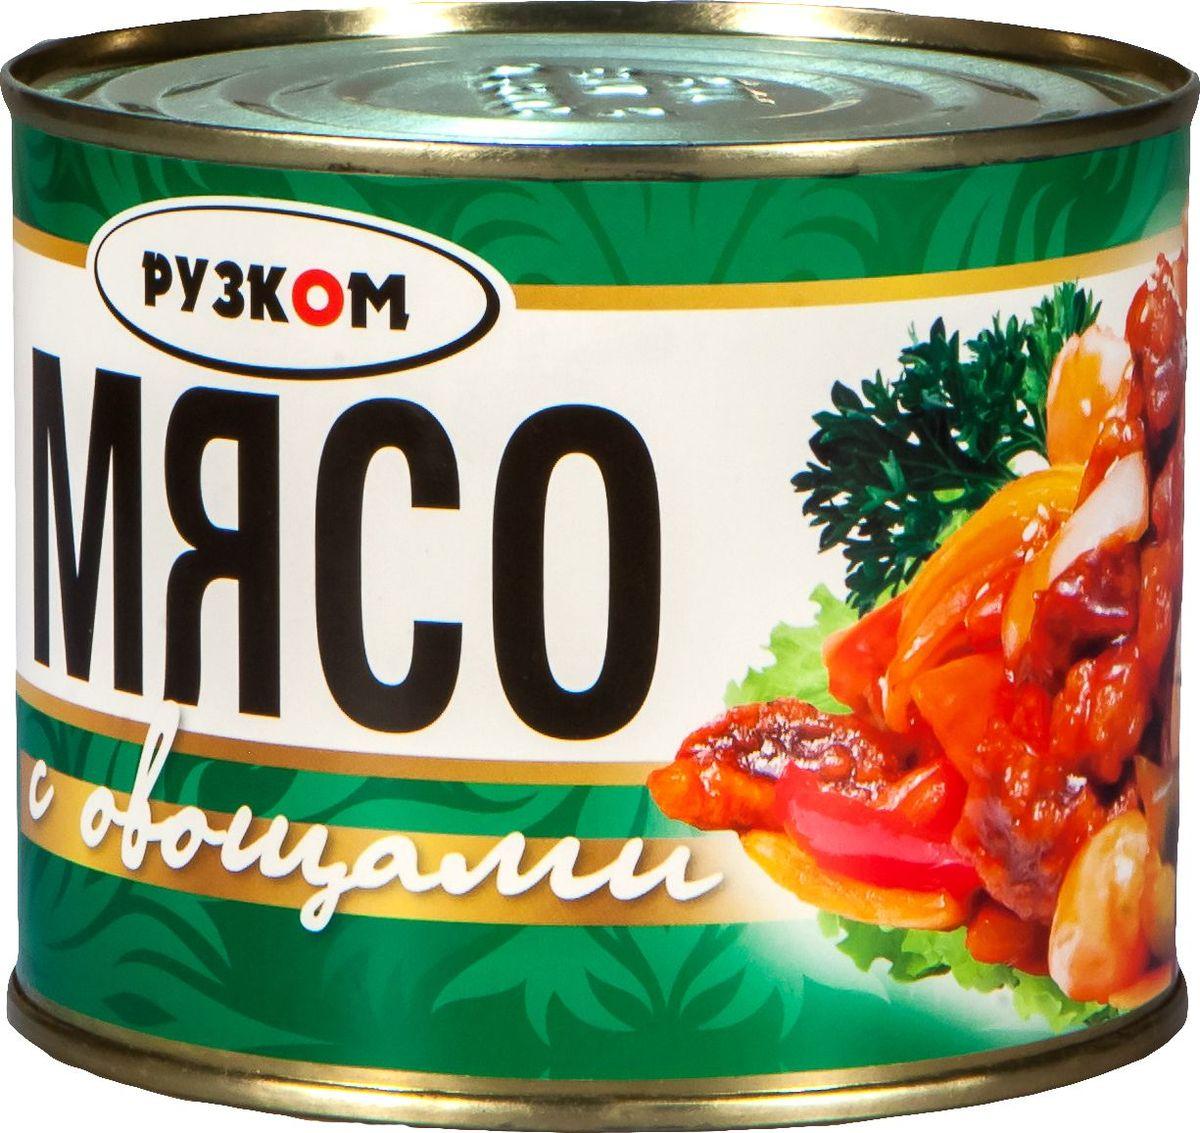 Рузком Мясо с овощами, 525 г мясо